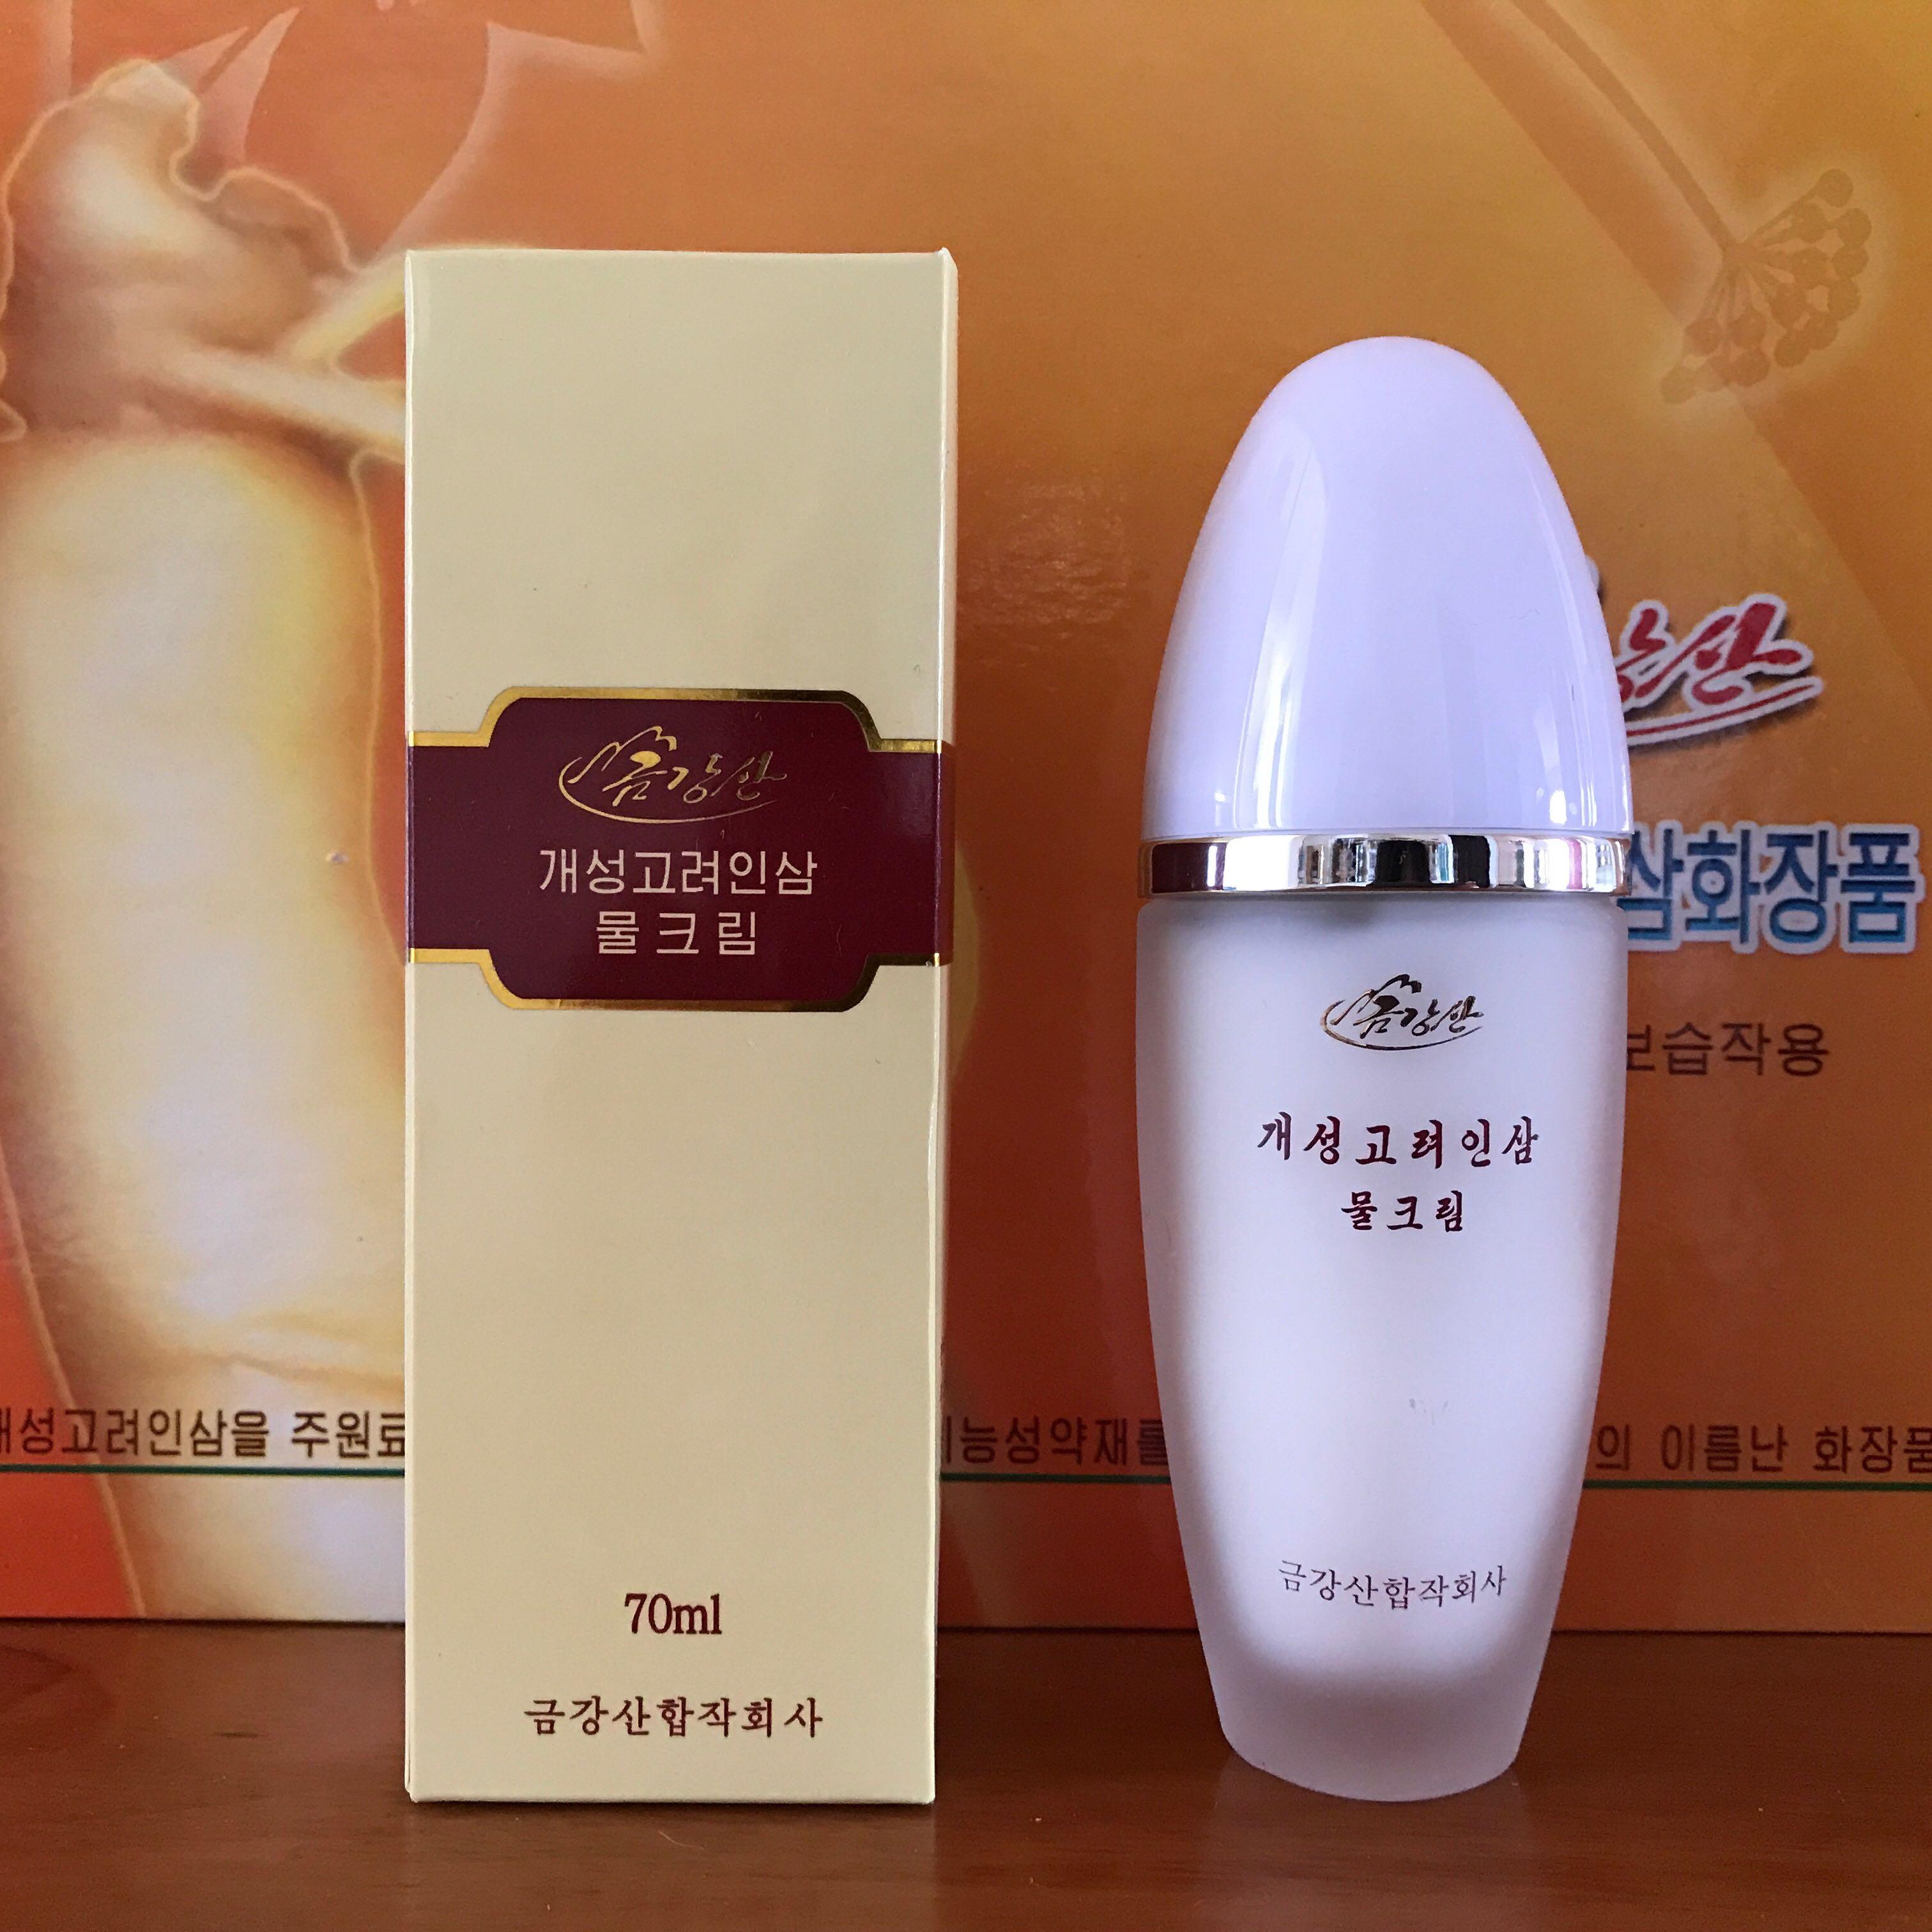 朝鲜春香记乳液金刚山高丽人参乳液基础乳液 70m推荐保湿紧致滋养